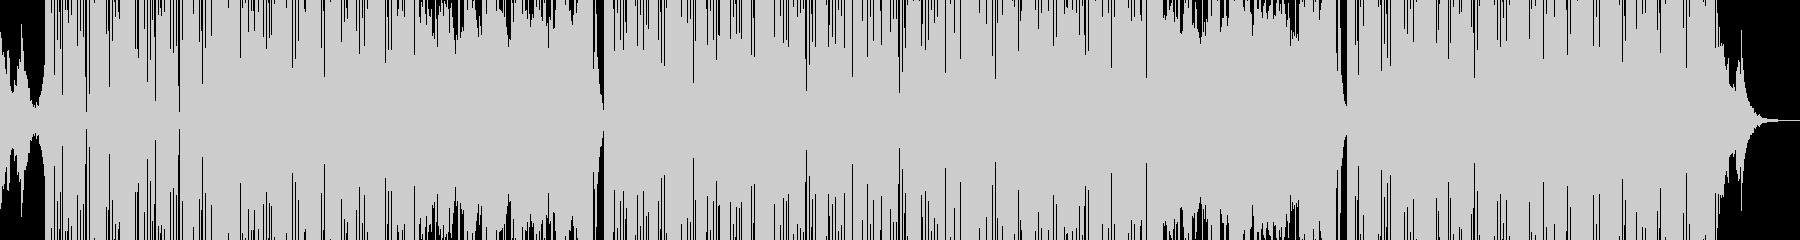 4つ打ち 中国楽器 おもしろかっこいい系の未再生の波形